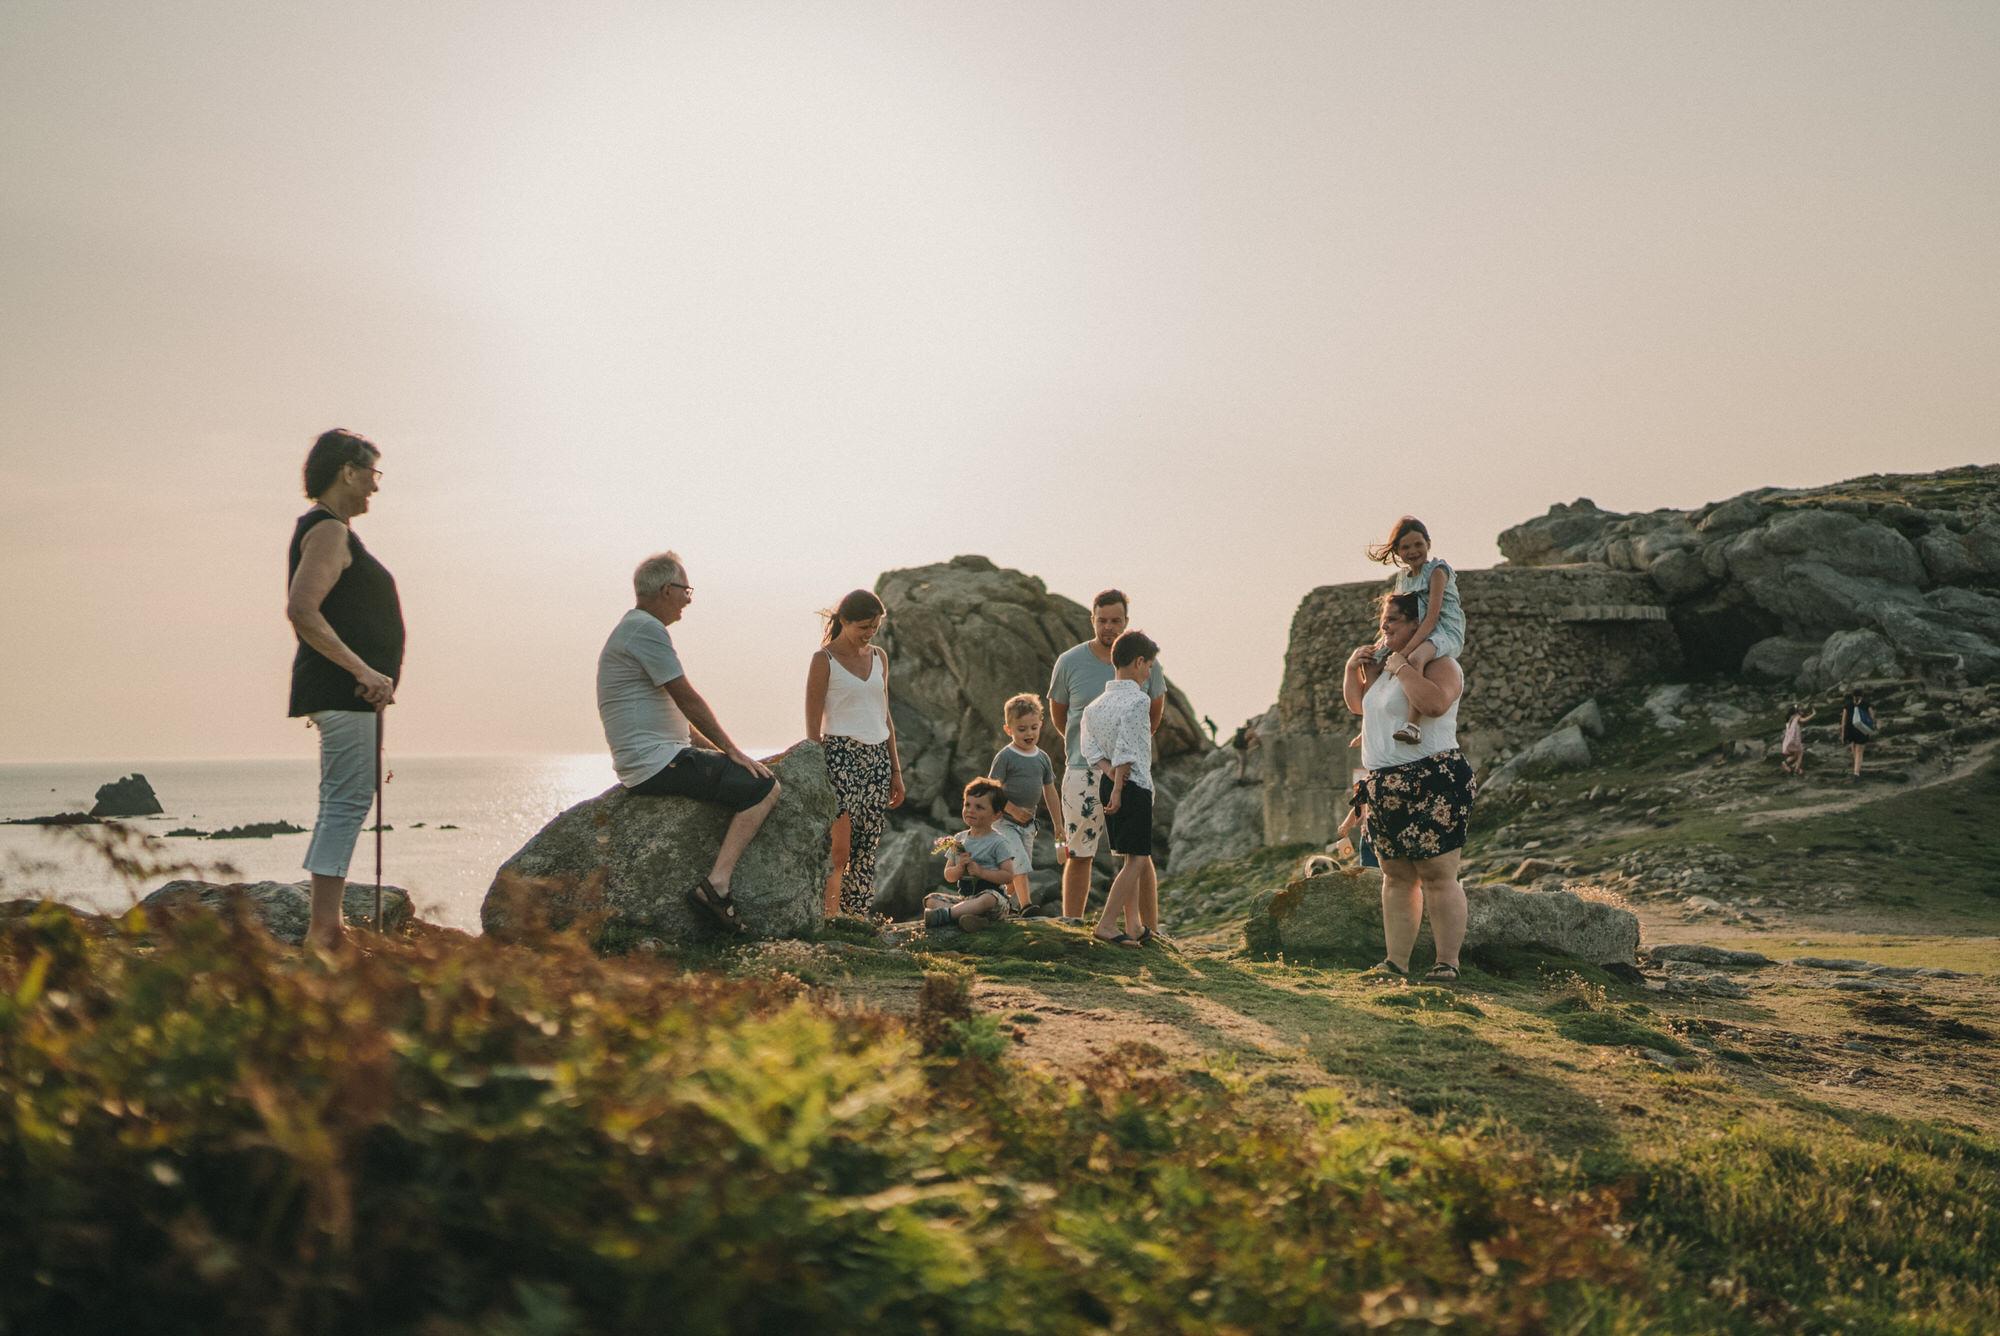 2021.07.20 Photo De Famille A Porspoder En Bretagne Par Antoine Borzeix 173, Photographe & Videaste à Brest / Finistère